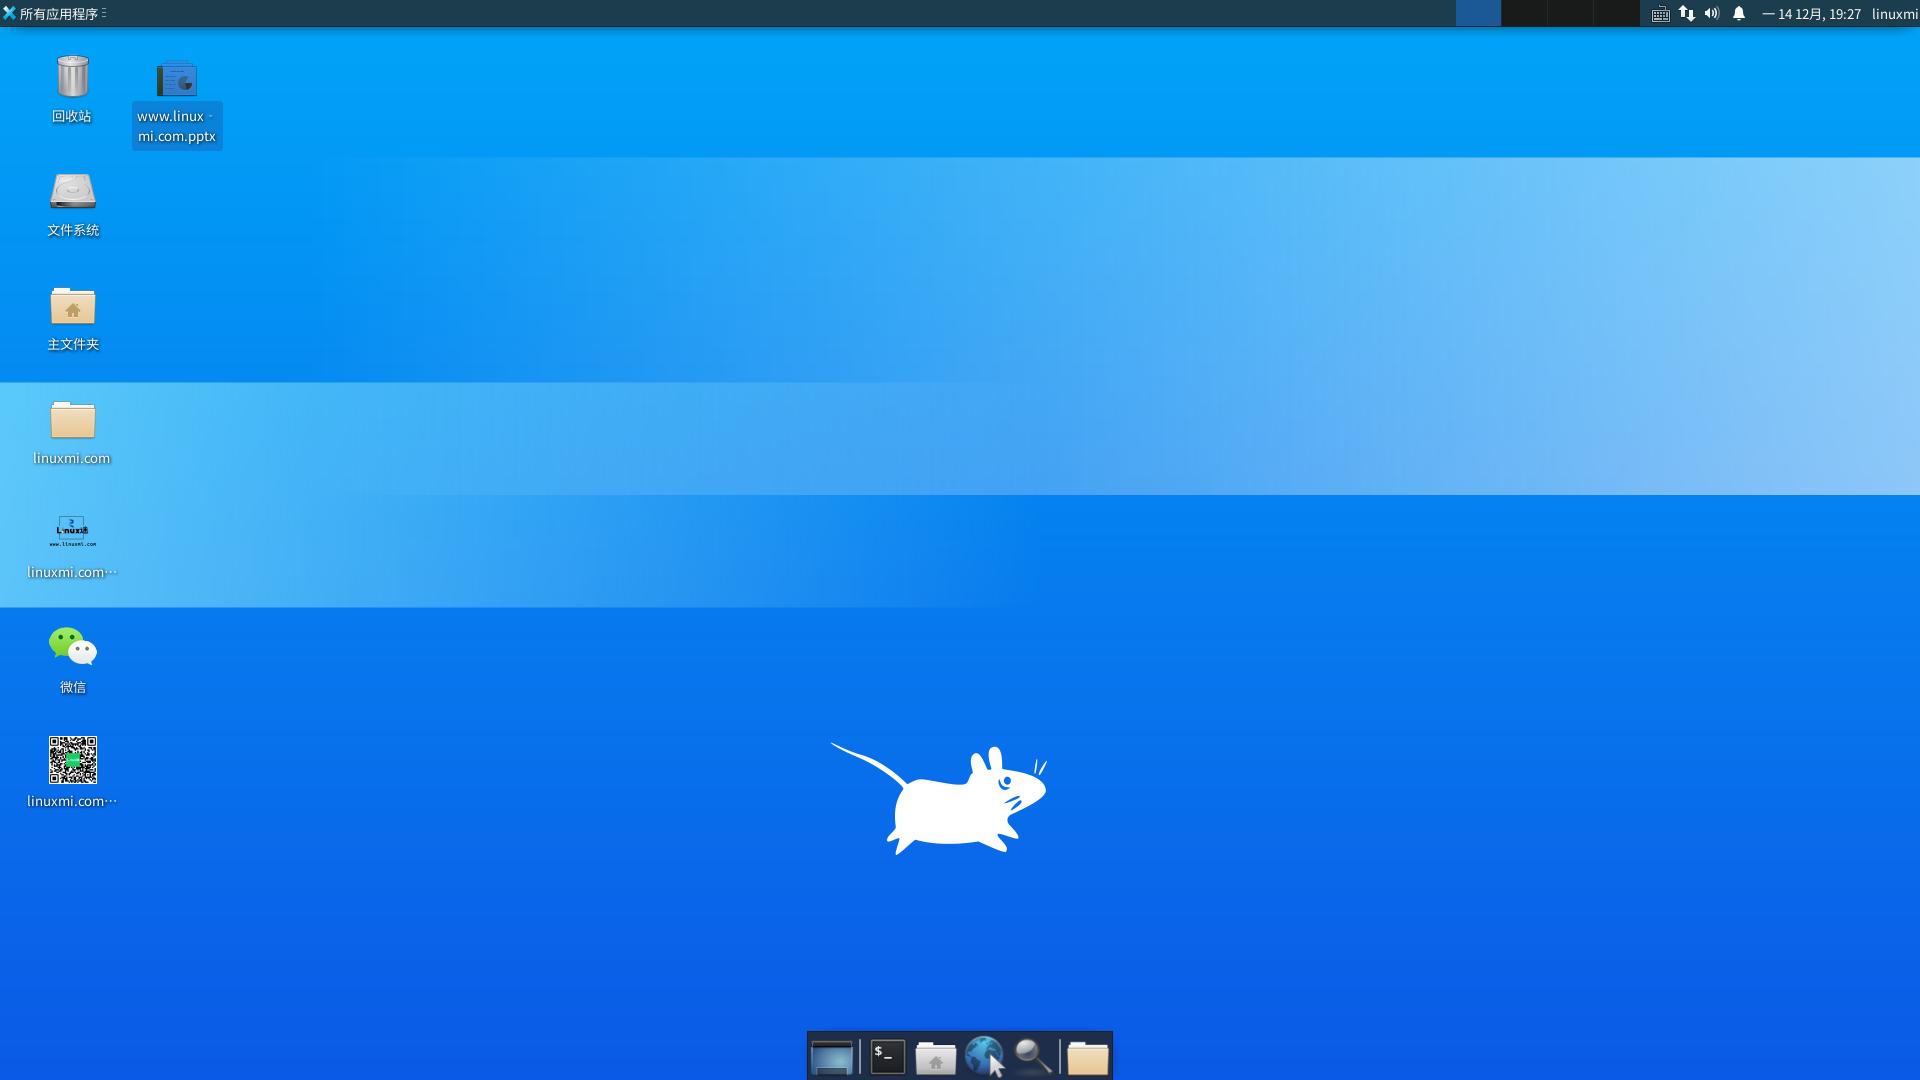 如何在Ubuntu 20.04上安装/卸载XFCE